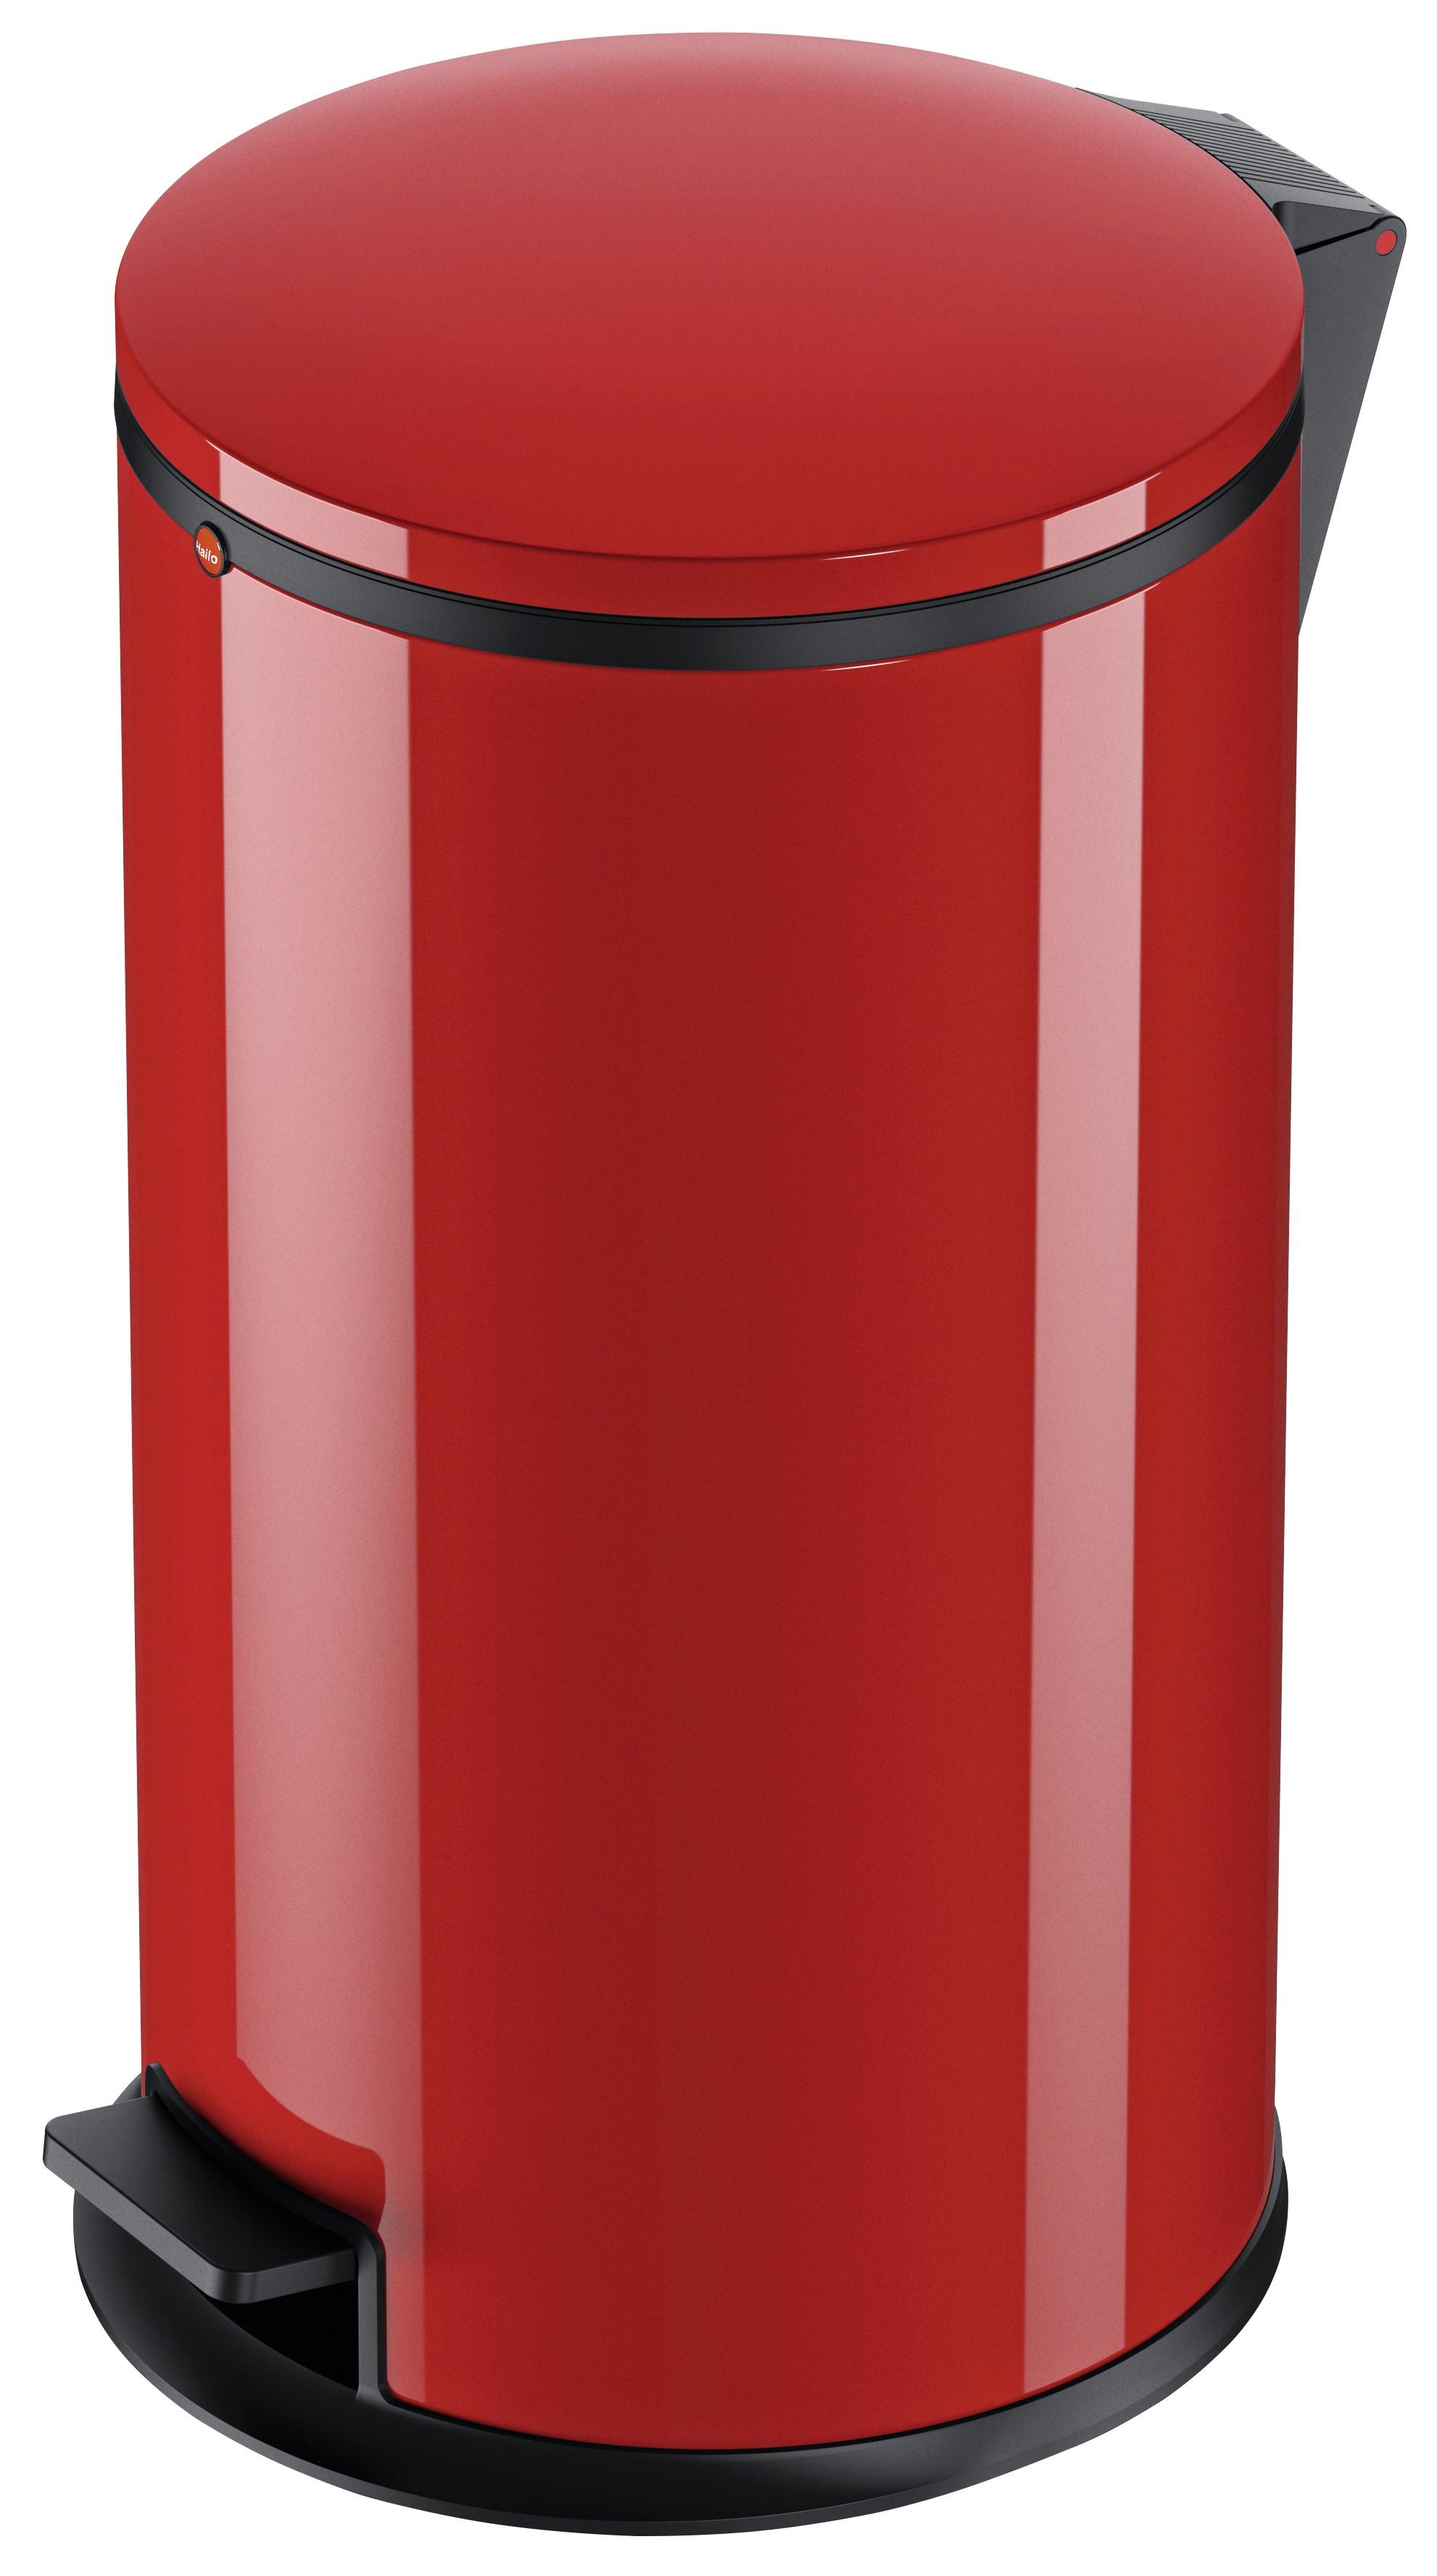 Hailo Pure L, Stahlblech rot, 25 Liter, Inneneimer: verzinkt, Tret-Abfallsammler